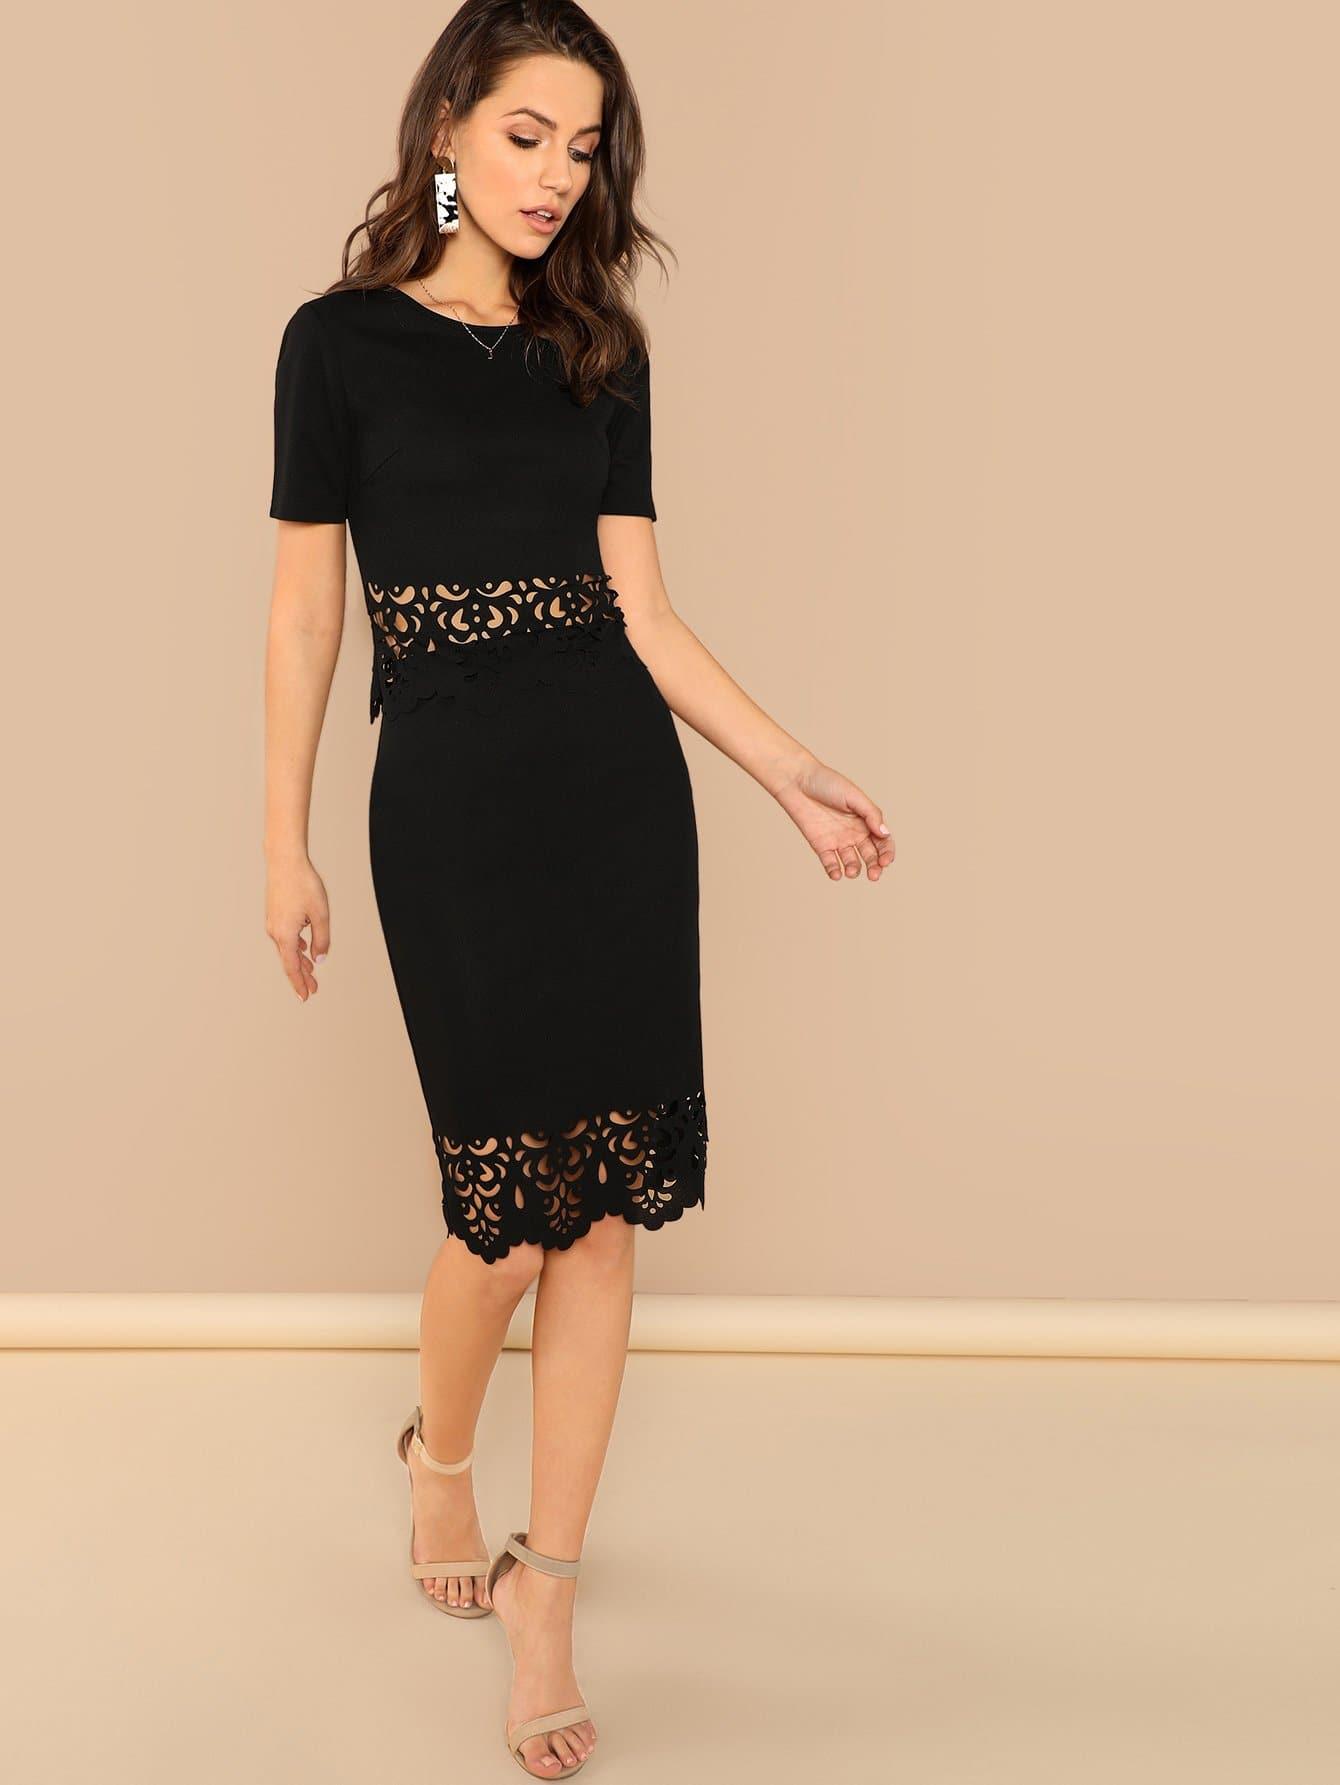 Купить Веерообразная лазерная резка топ юбка шить, Zorana, SheIn